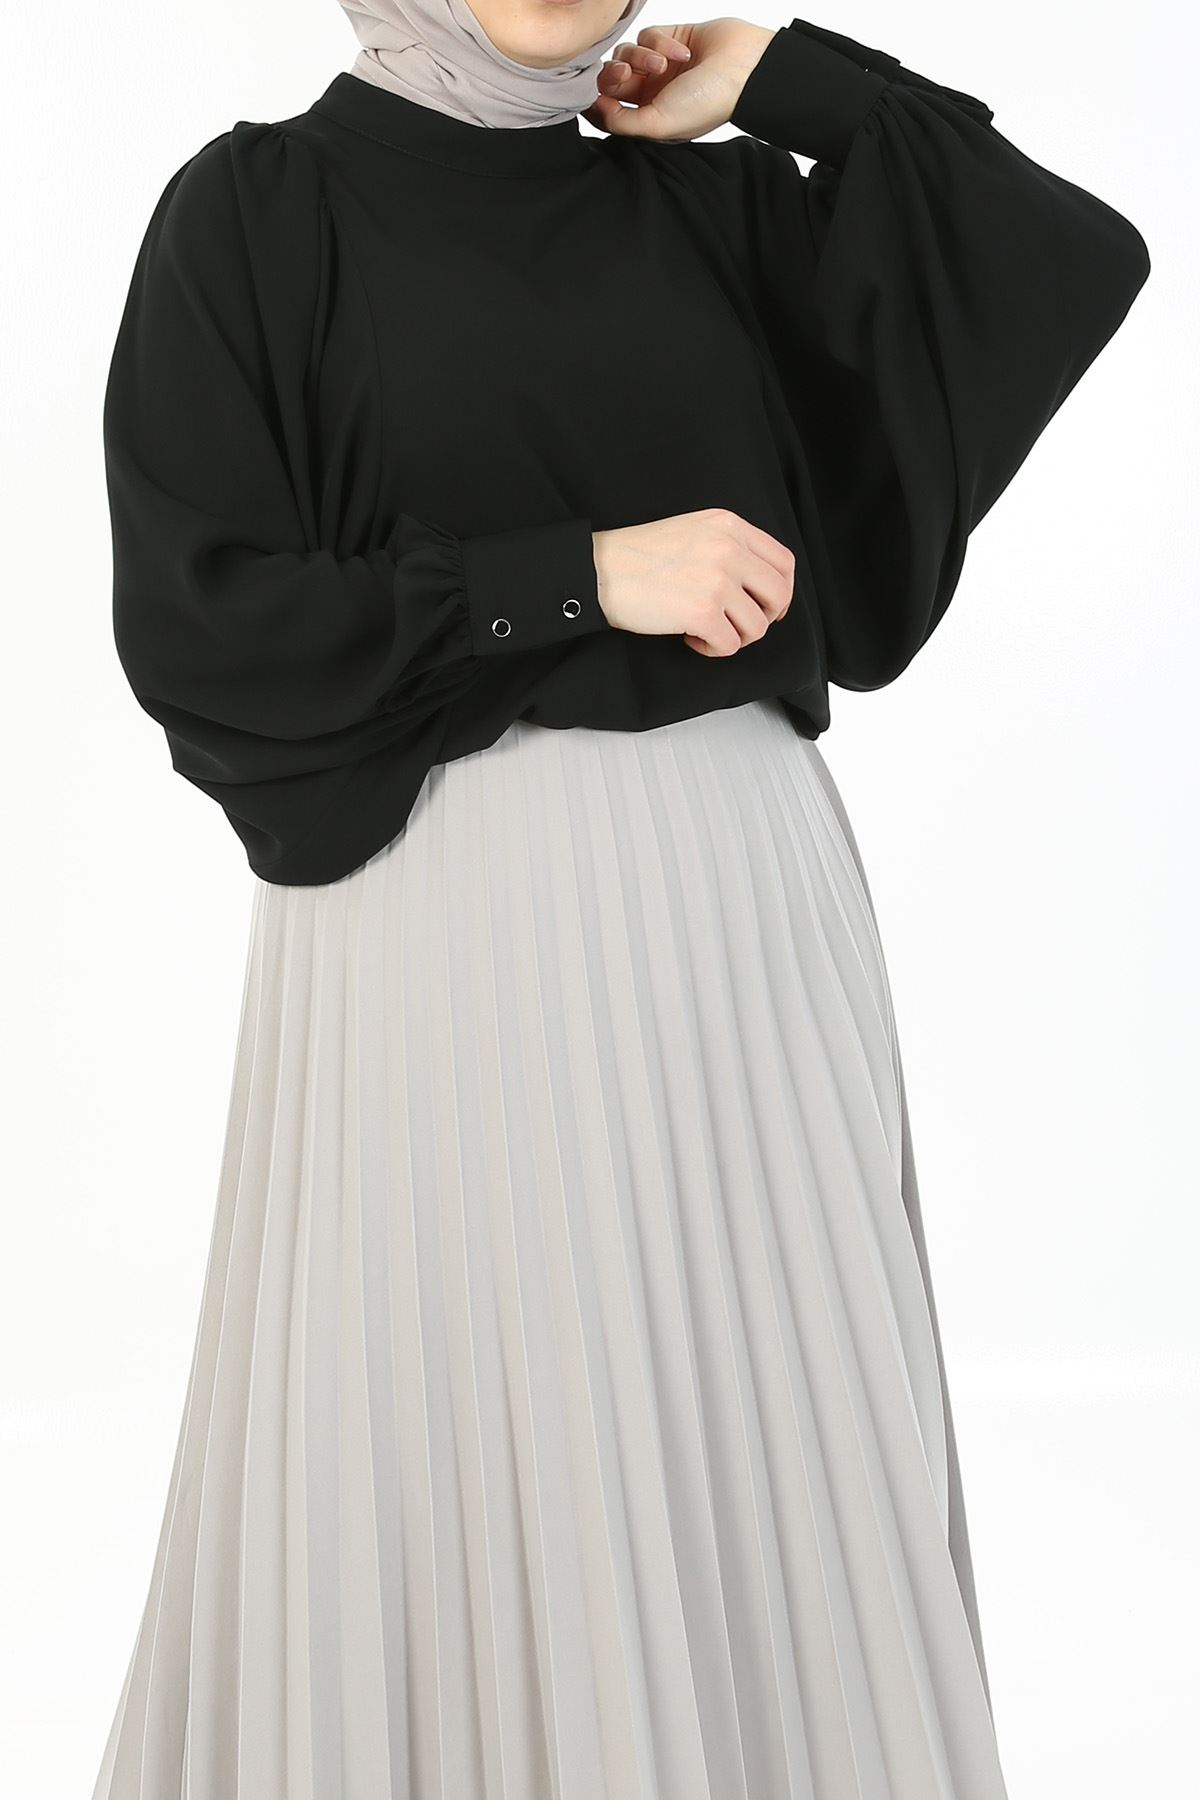 Balon Kol Gömlek-Siyah